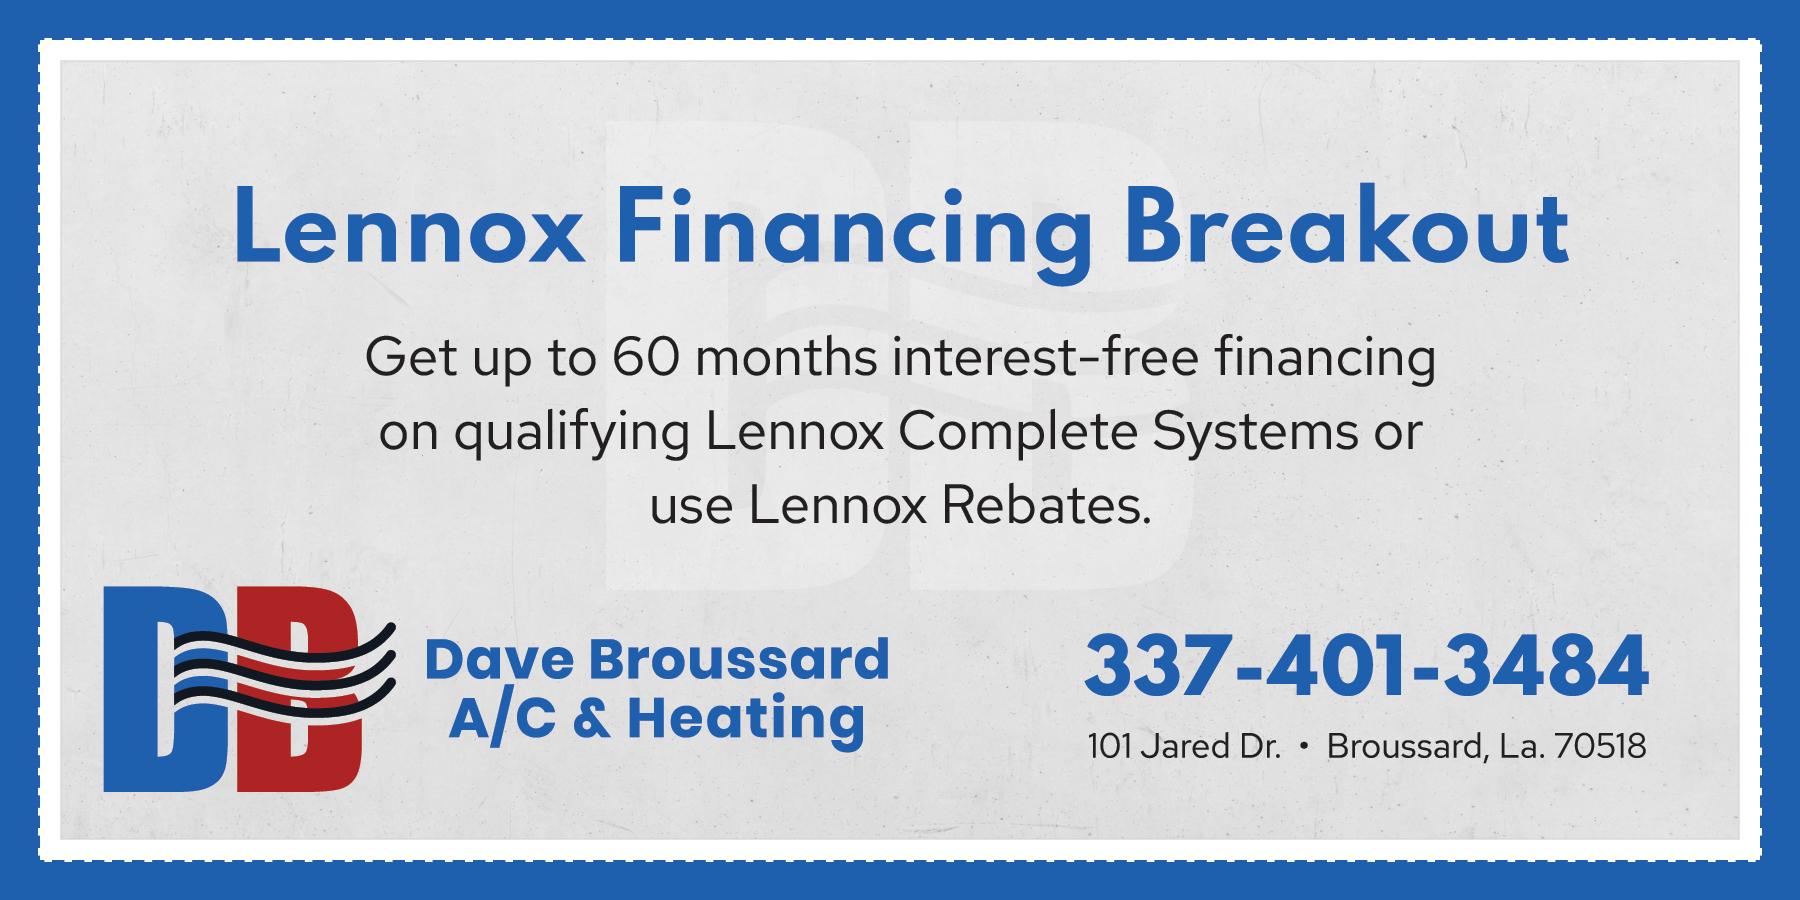 DAV-Coupon-Lennox-Financing